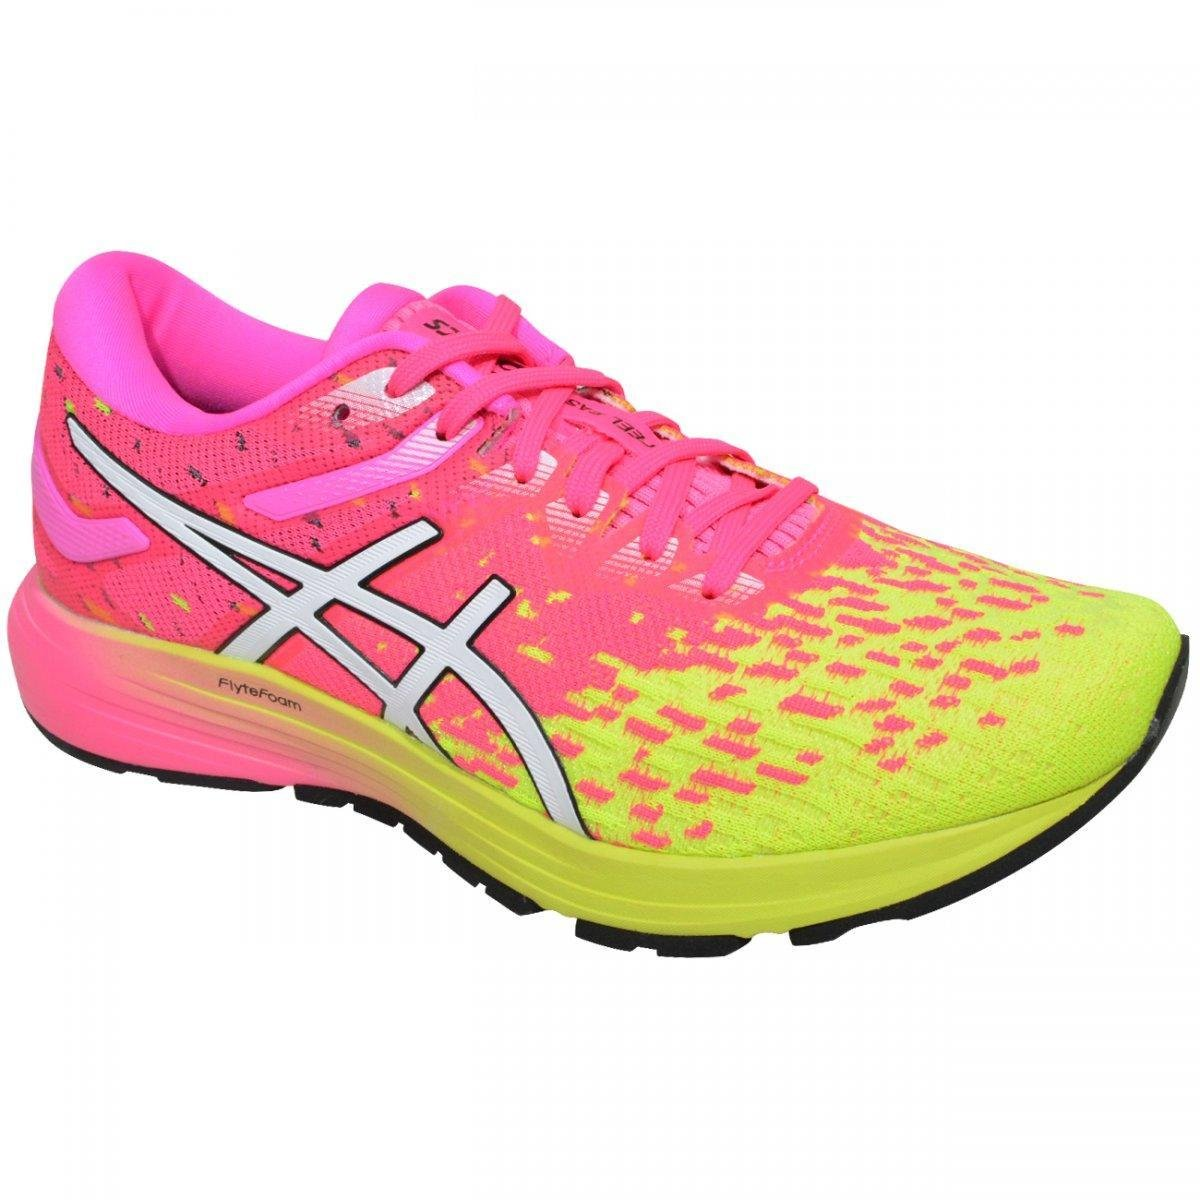 cheap for discount eeece 06d8a Tenis Asics Dynaflyte 4 Feminino - Pink e Verde